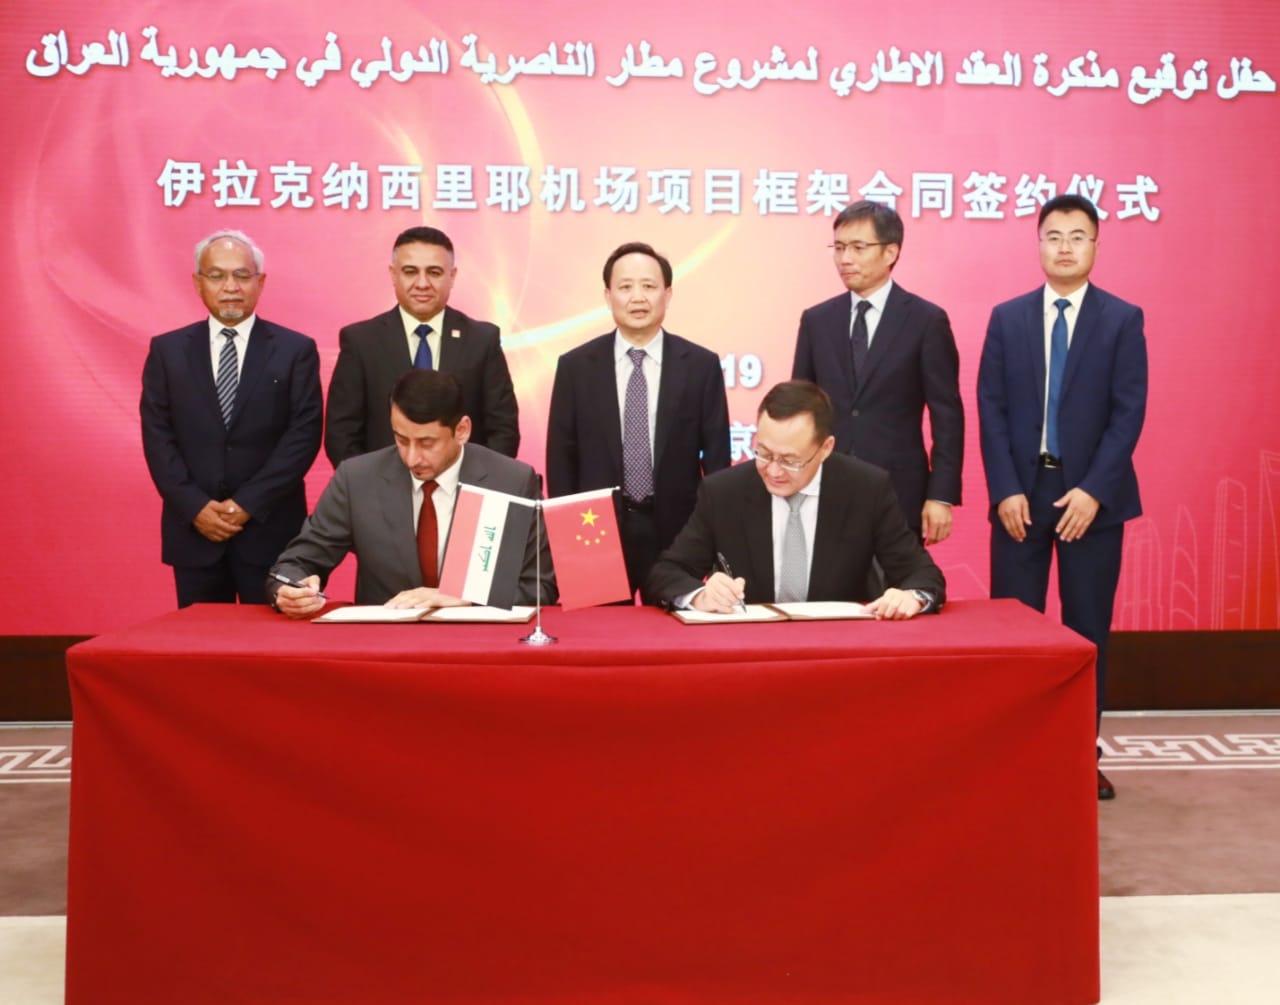 العراق يوقع مذكرة تفاهم مع شركة صينية لتأهيل وتطوير مطار الناصرية الدولي